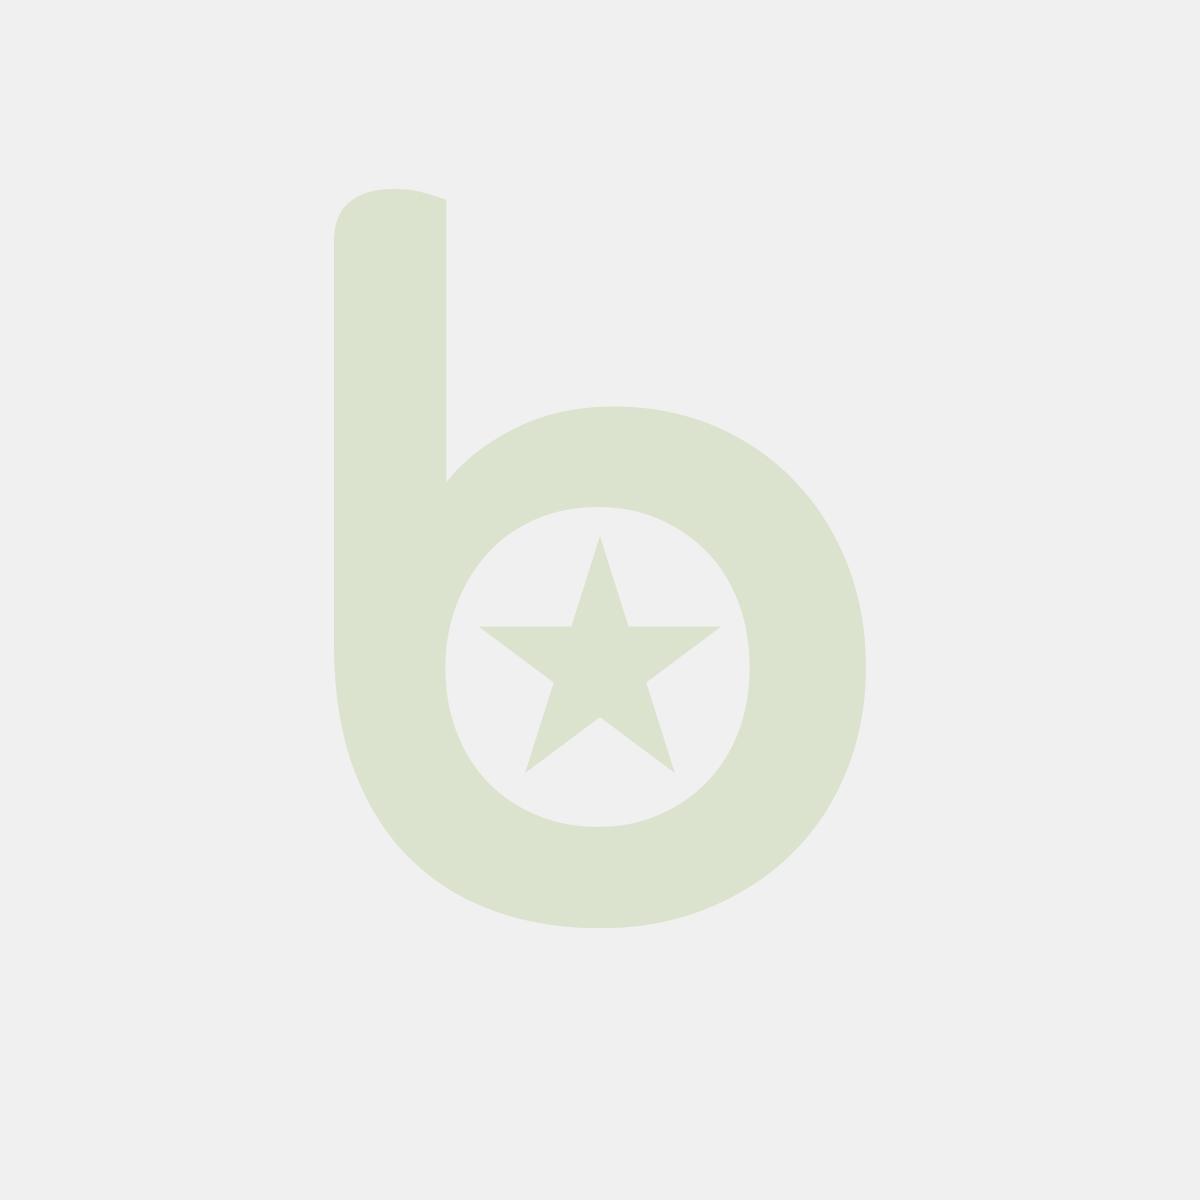 FINGERFOOD - kubek PS 7,1x7,1x7,2 VICTORIA 210ml transparentny op. 50 sztuk